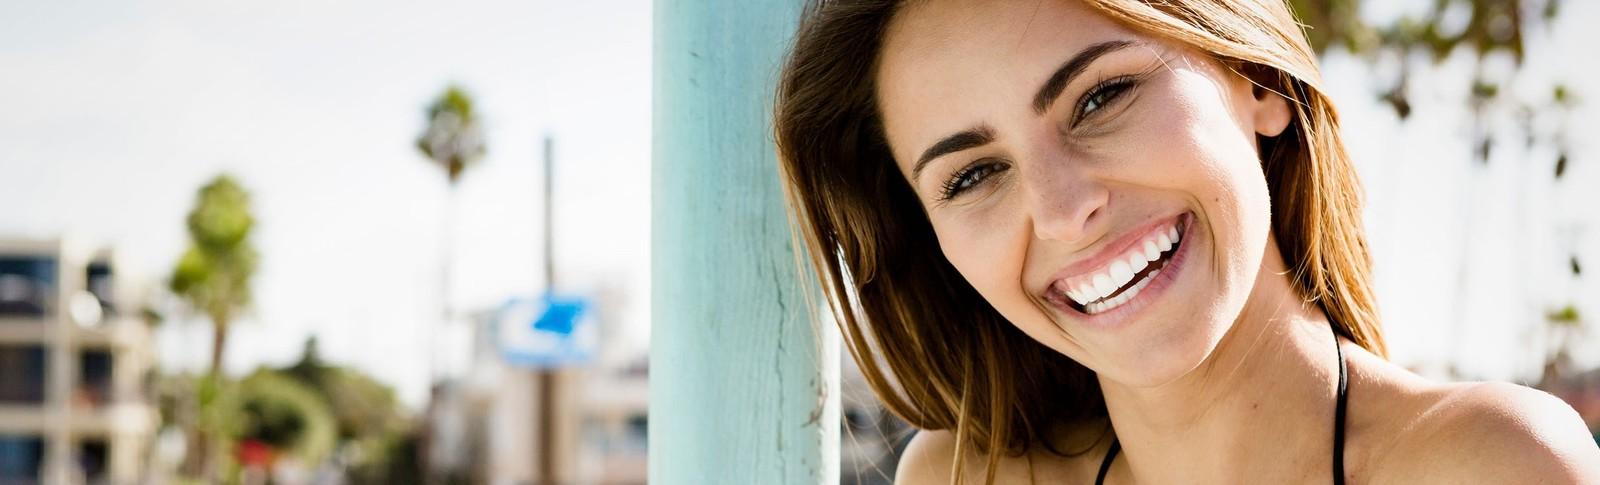 Frau ist zufrieden über ihre Brustvergrößerung mit Eigenfett in der Moser Klinik.